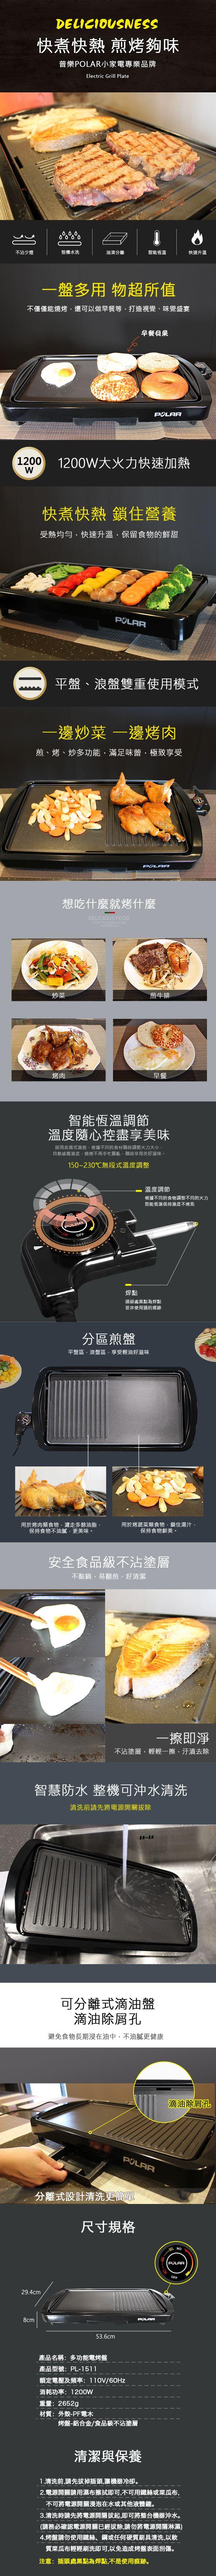 POLAR 普樂多功能電烤盤